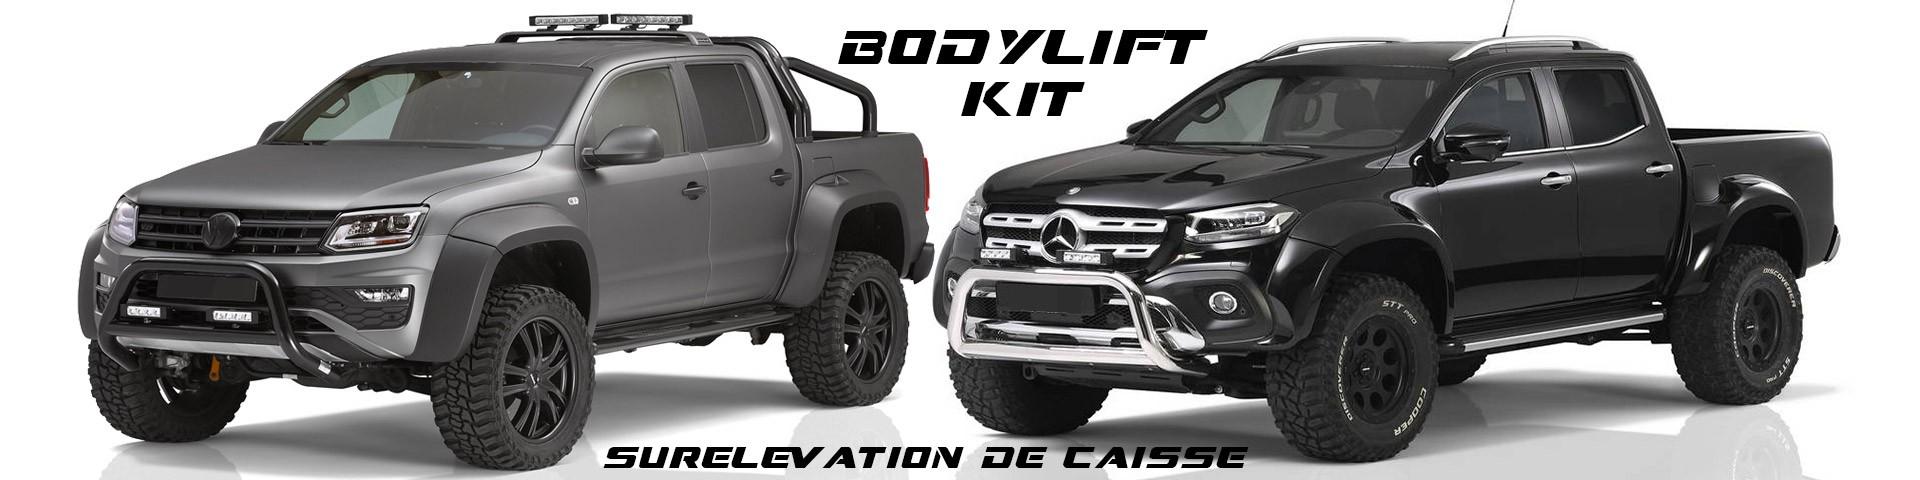 Accessoires4x4, les nouveautées :  Body lift Kit